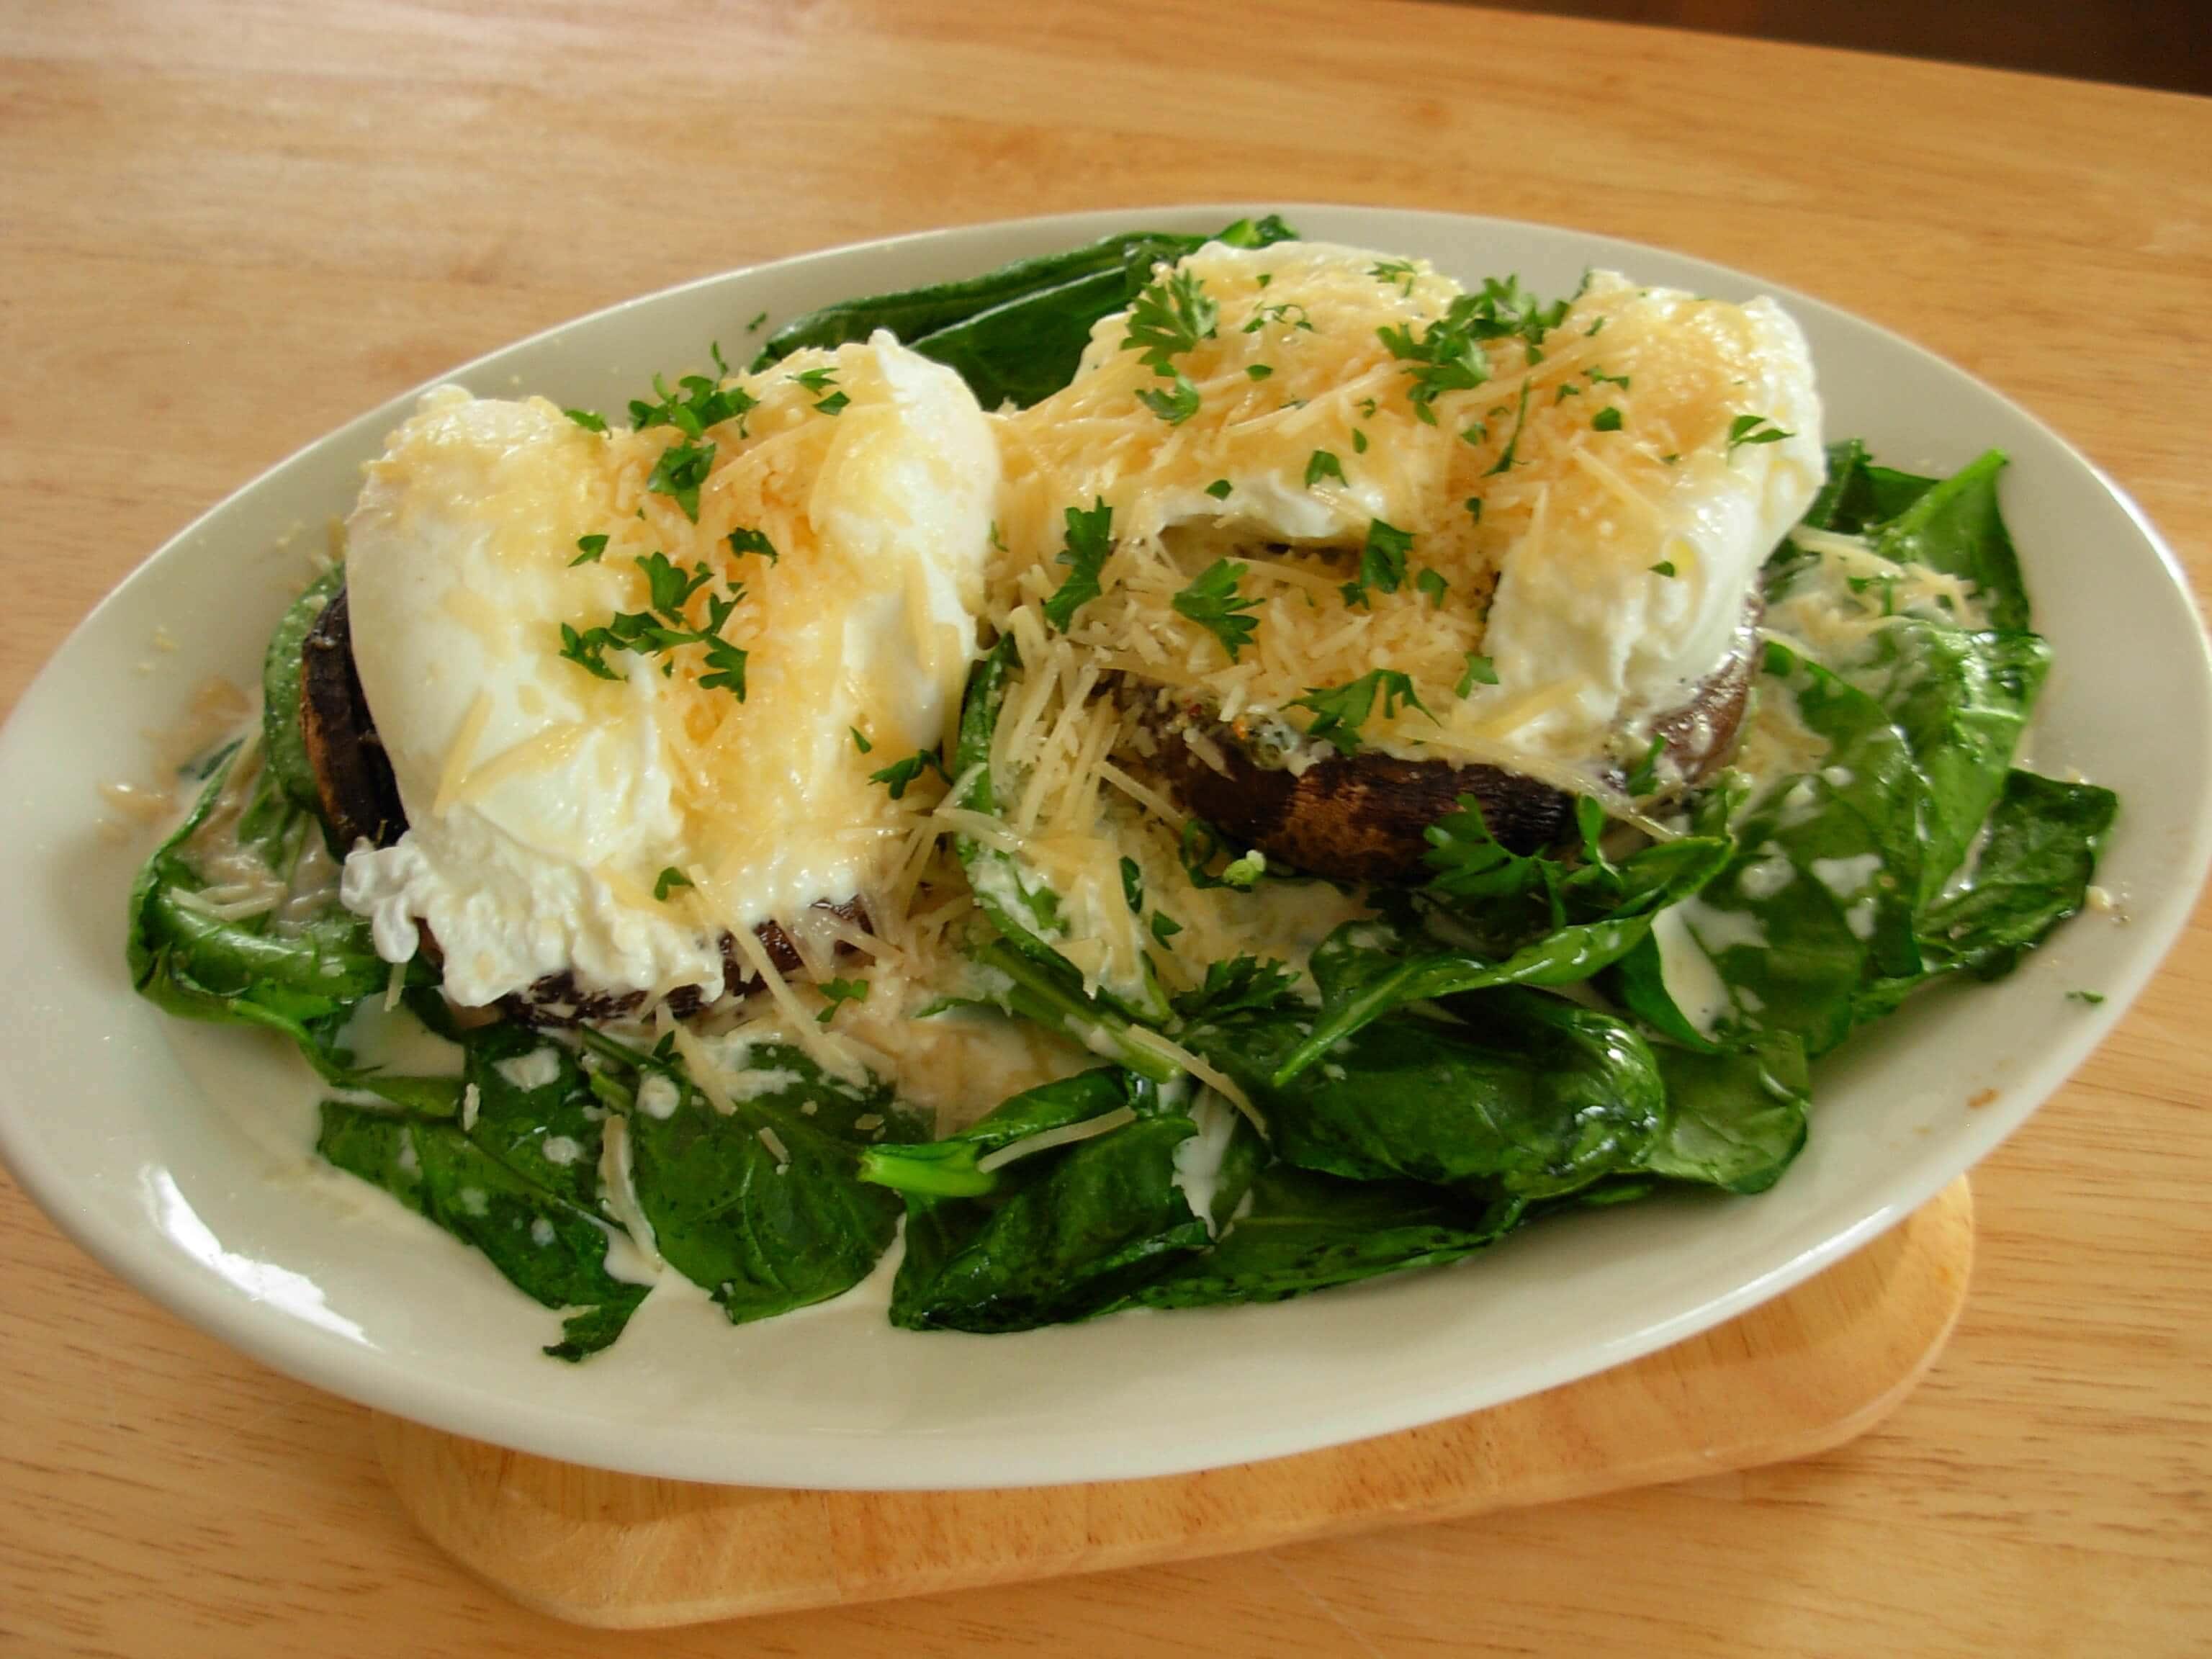 Spinach and Egg Stuffed Portobello Mushrooms